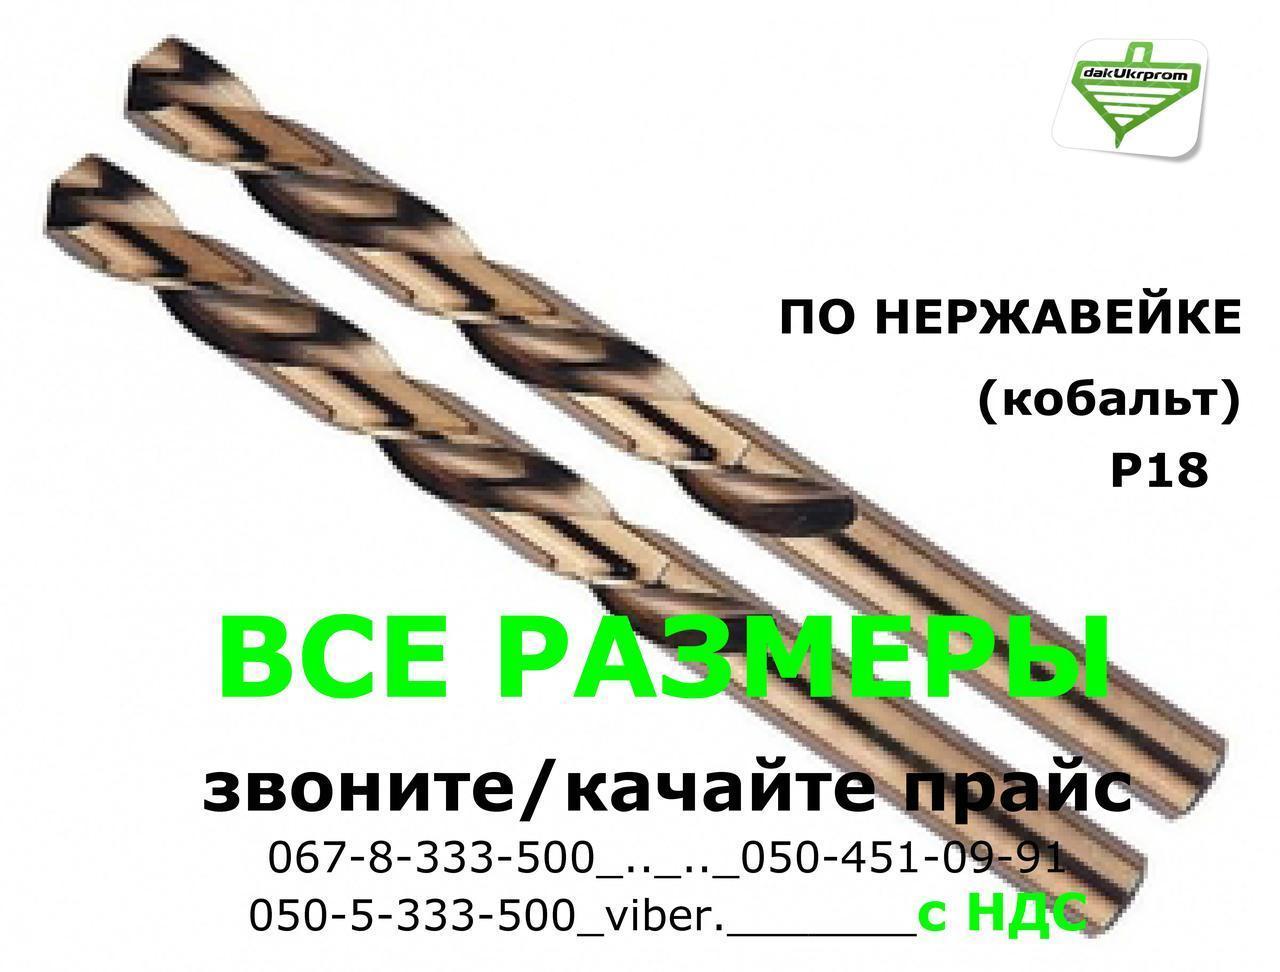 Сверло по нержавейке Р18 - 1,8 мм, (кобальт) промышленного назначения ГОСТ-10902 (DIN338 G-Co)